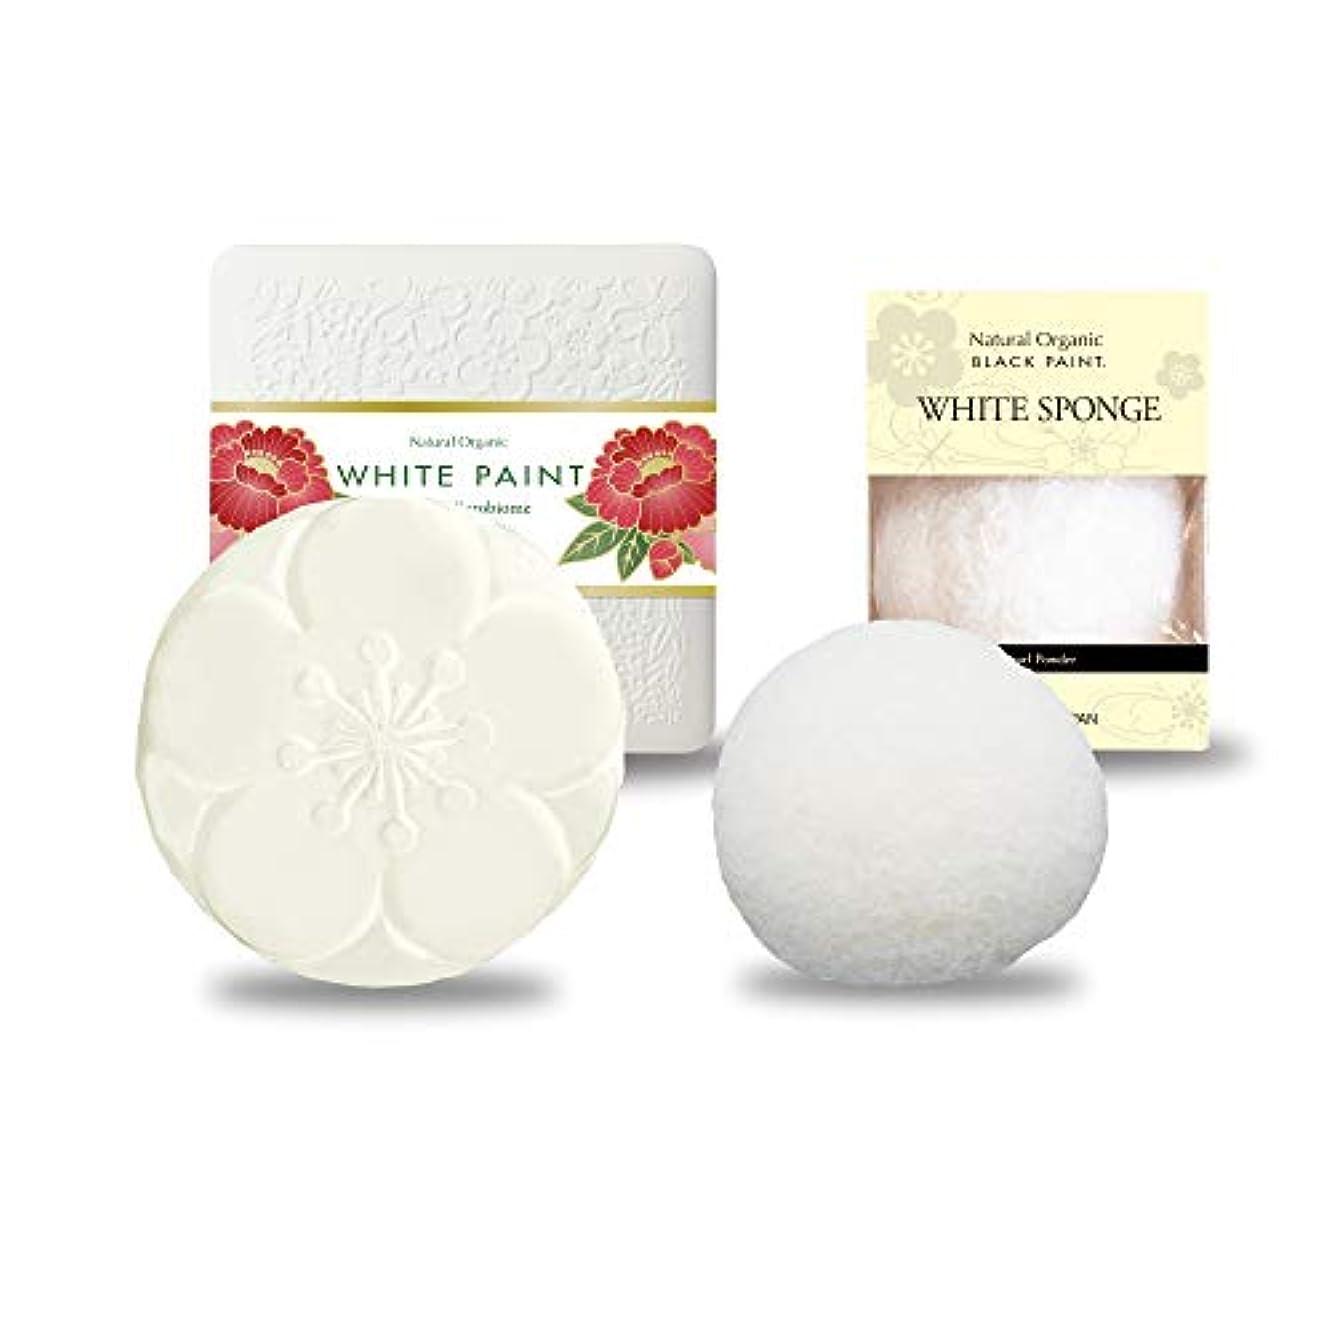 役職受け皿区別するプレミアムホワイトペイント60g&ホワイトスポンジ 洗顔セット